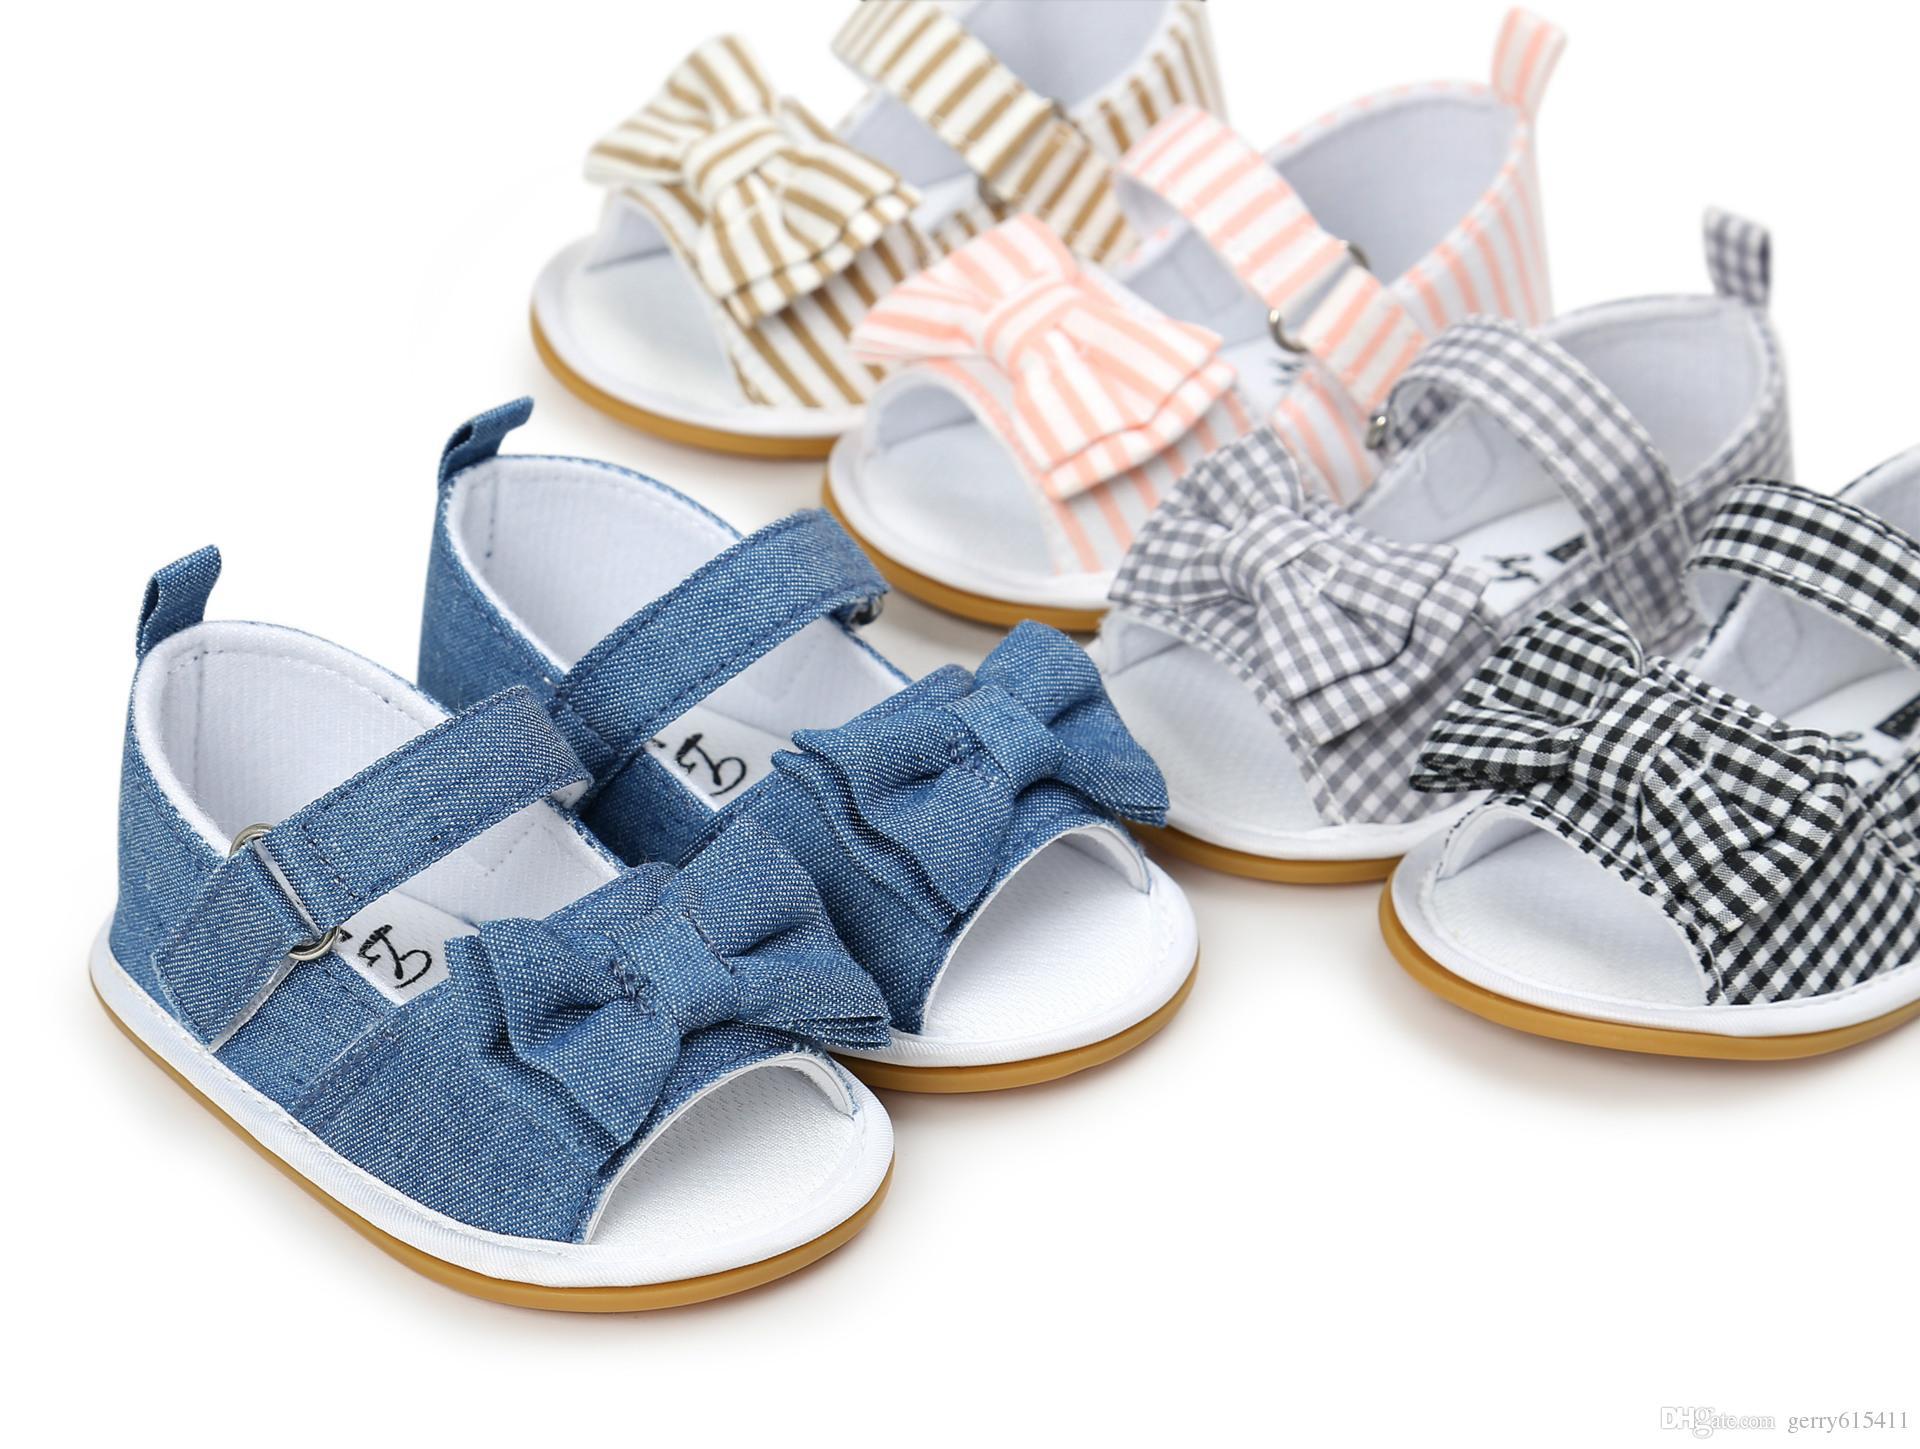 Compre Franja Arco De Niña Moda Loop Zapatos Mariposa Nudo Gancho zMVUpS